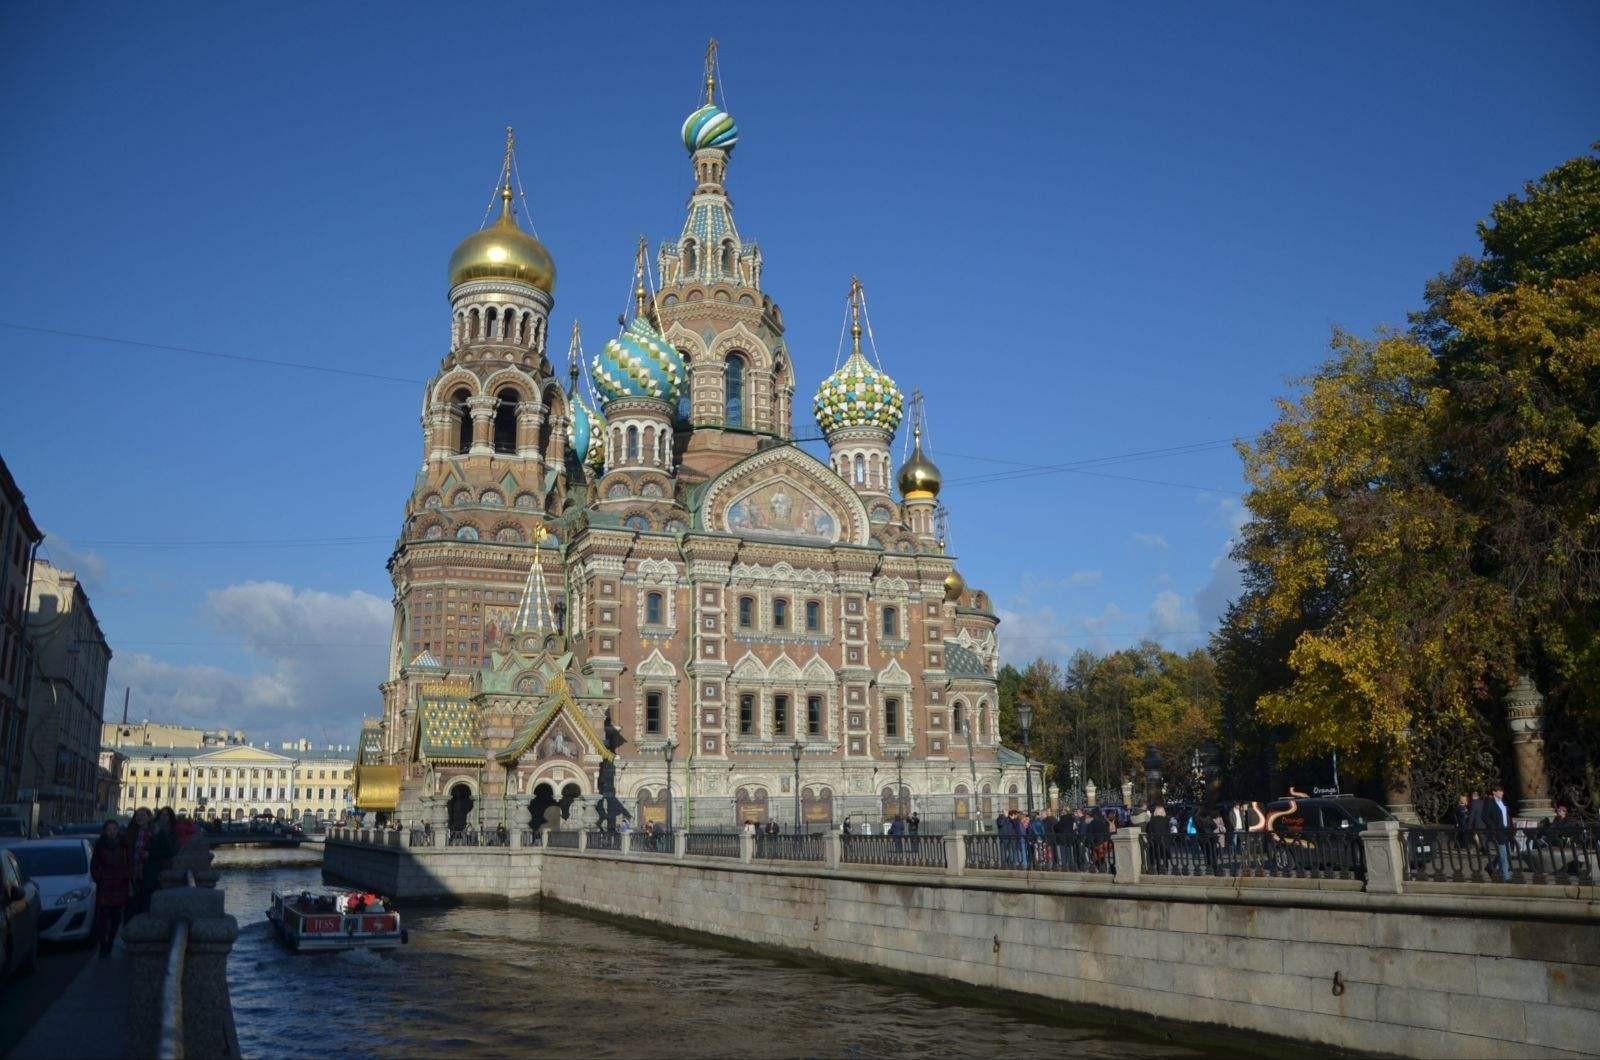 位于俄罗斯西北部的圣彼得堡,地处芬兰湾的最内处,纬度在北纬59~60之间,是俄罗斯在波罗的海沿岸最重要的港口城市。这座全俄的第二大城市,历史上曾是俄国的首都,如今这里仍是俄罗斯的联邦直辖市,并兼任周边列宁格勒州的首府,在俄国内拥有极高的经济、政治、文化地位。 (图)彼得大帝,城市的筑造者 1698年,彼得大帝因国内叛乱,取消了原定前往威尼斯学习造炮的计划,正式结束大出使,回到俄国。在迅速的平定完这场叛乱后,他开始着手将出使所学,致用于俄国的一系列变革振兴计划之中。而这其中最要的,便是打造一支足以称霸